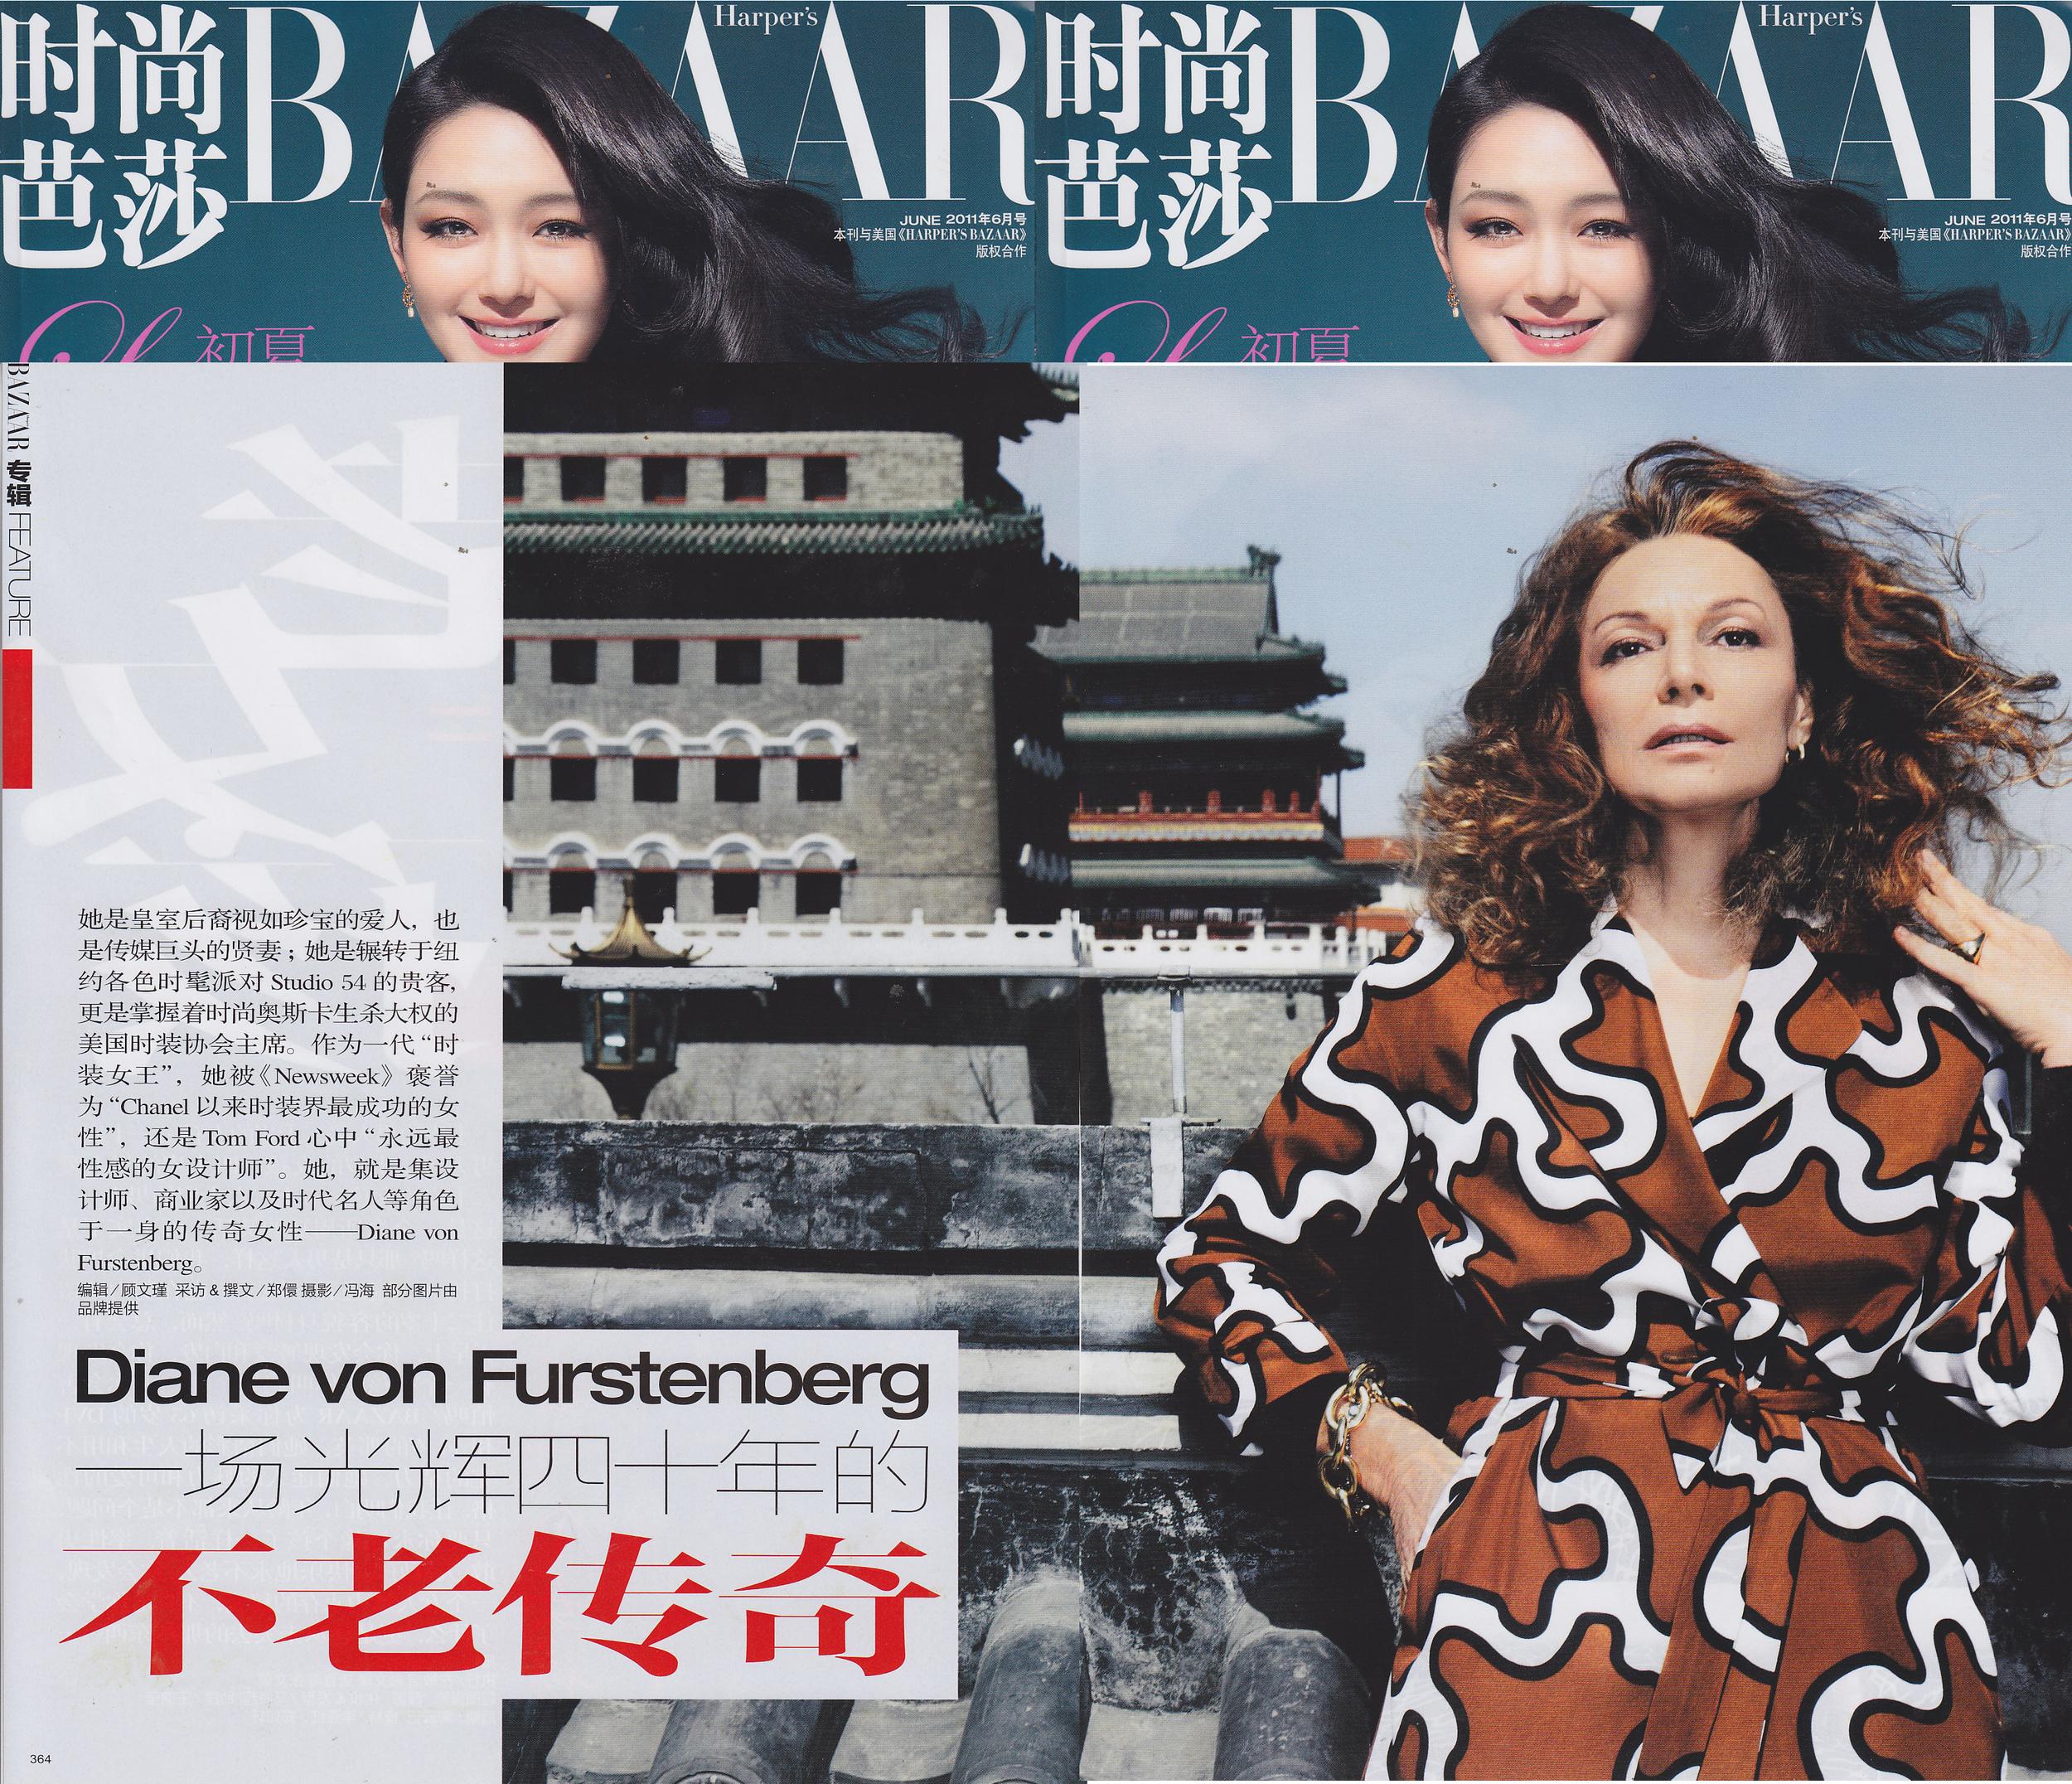 China Harper's Bazaar 01 - June 11 thumb.jpg